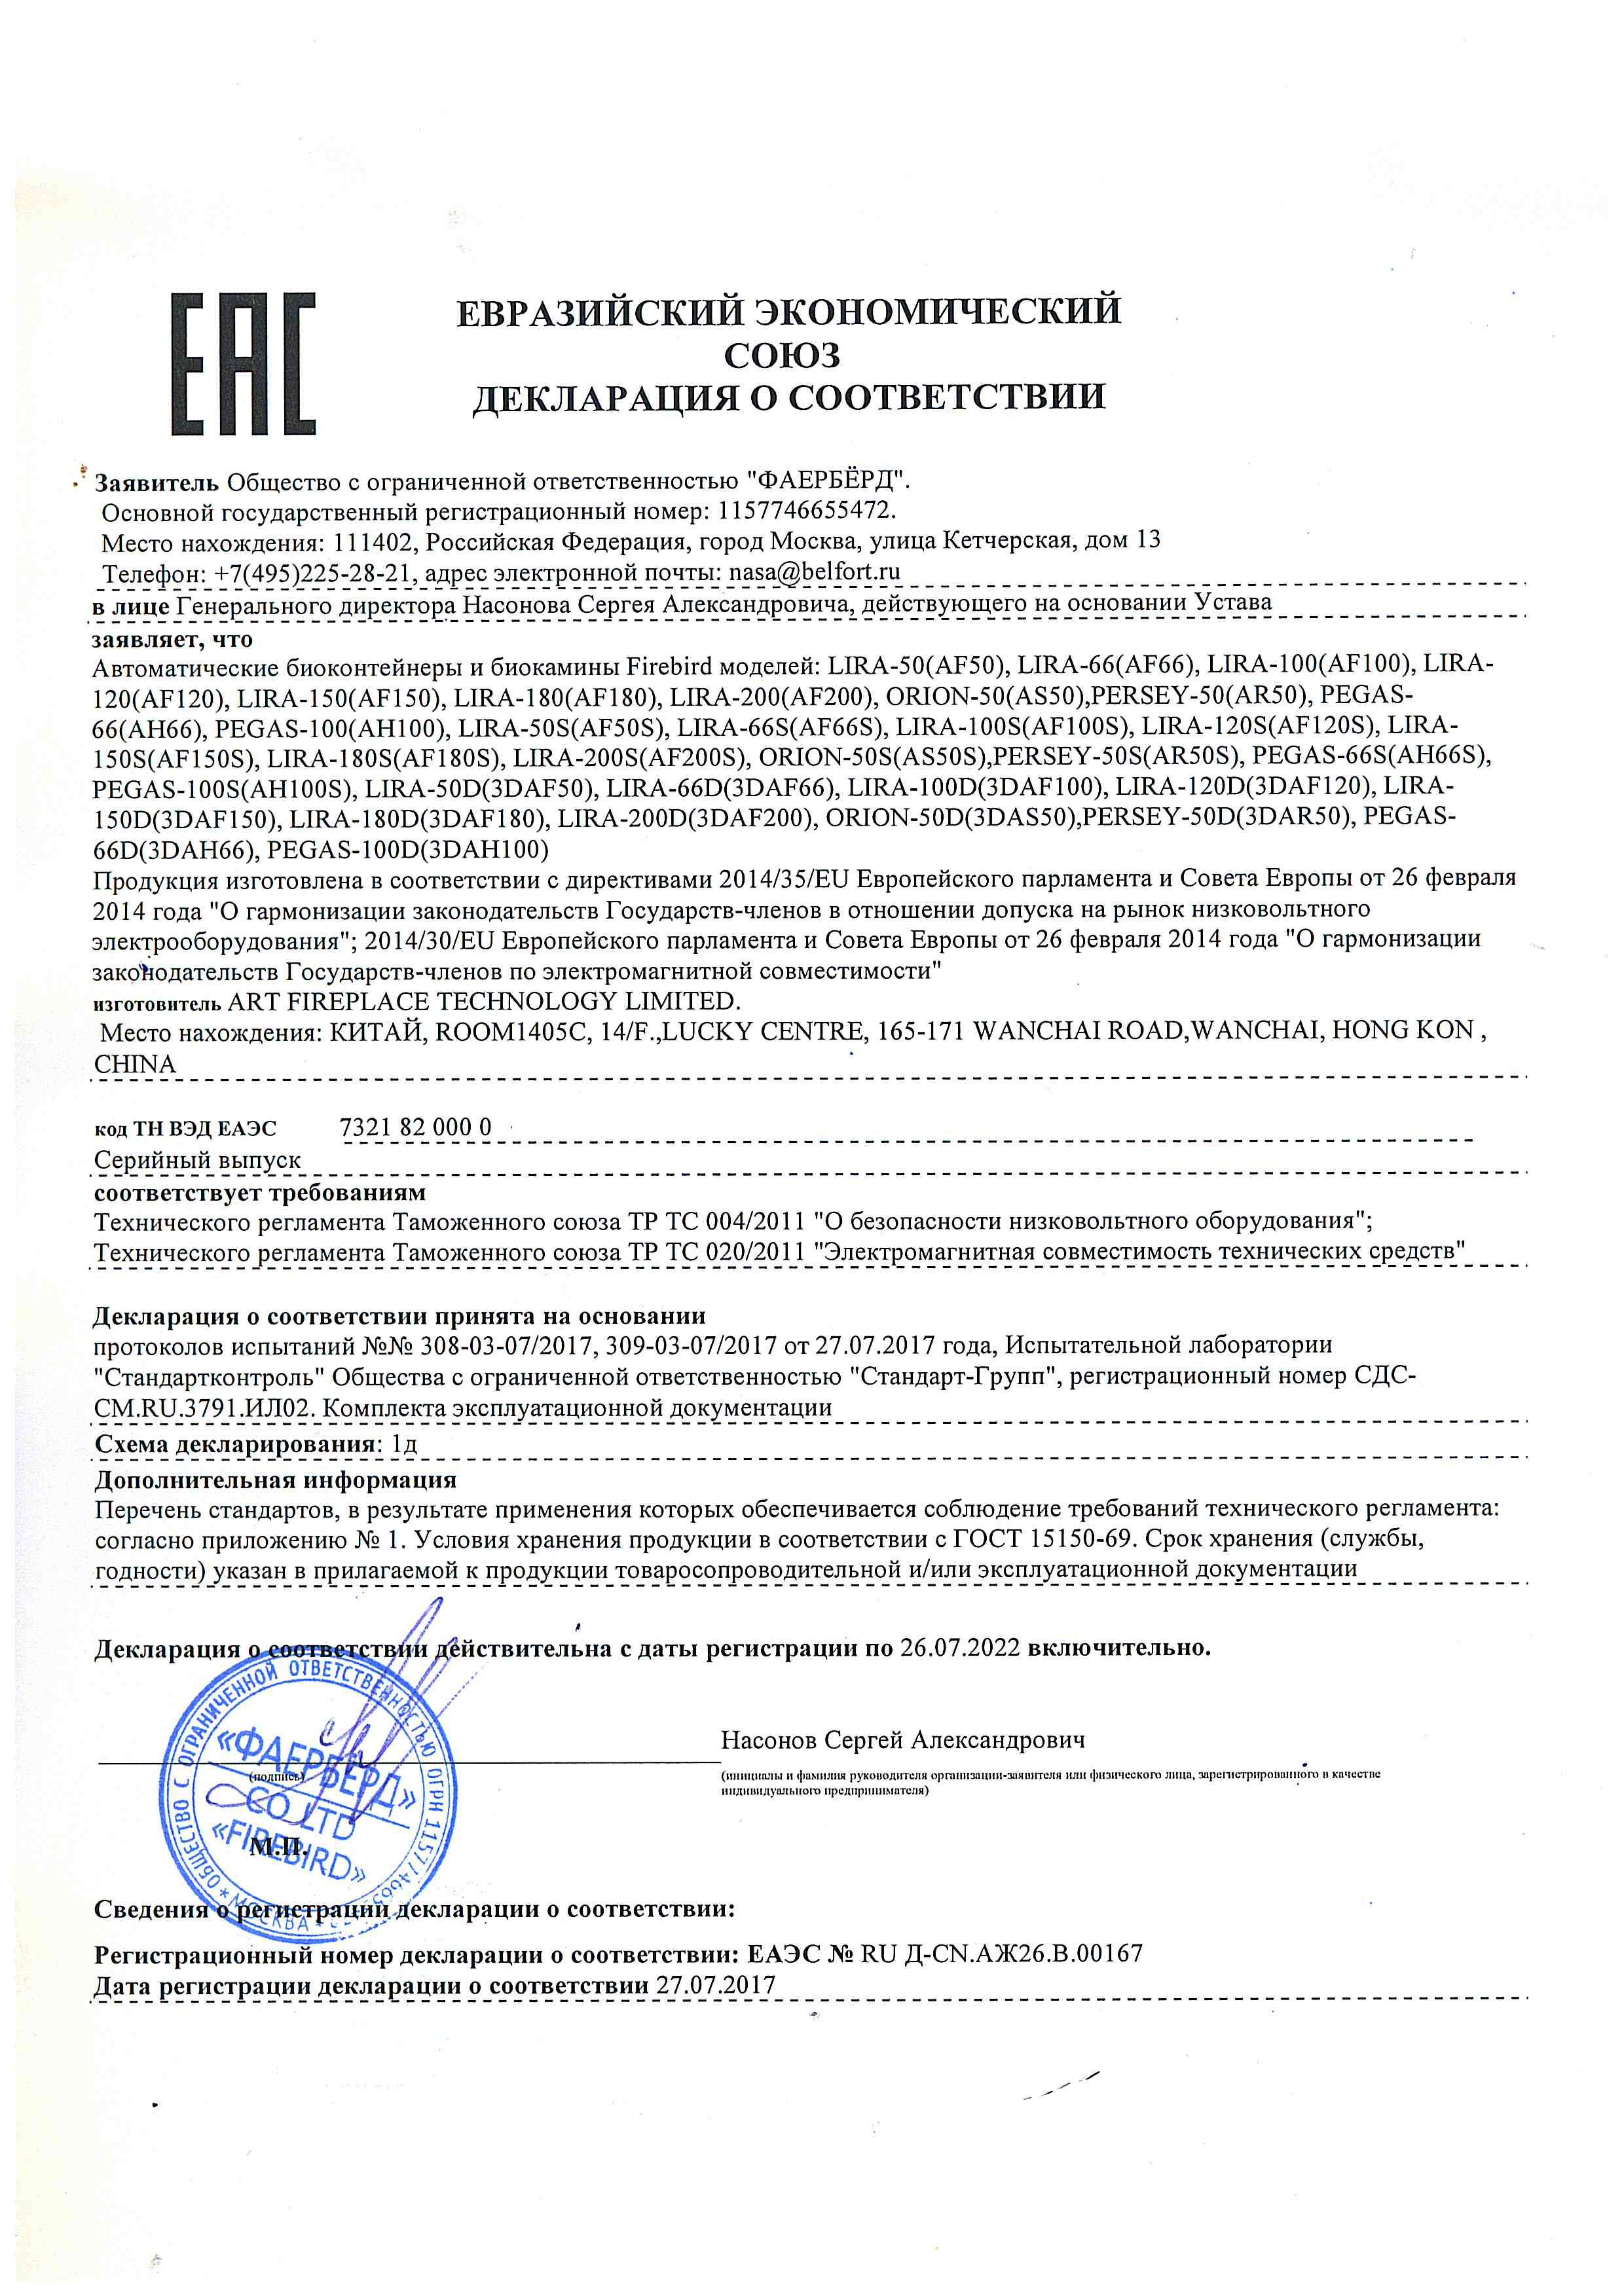 Декларация соответствия на автоматические биоконтейнеры ч.1